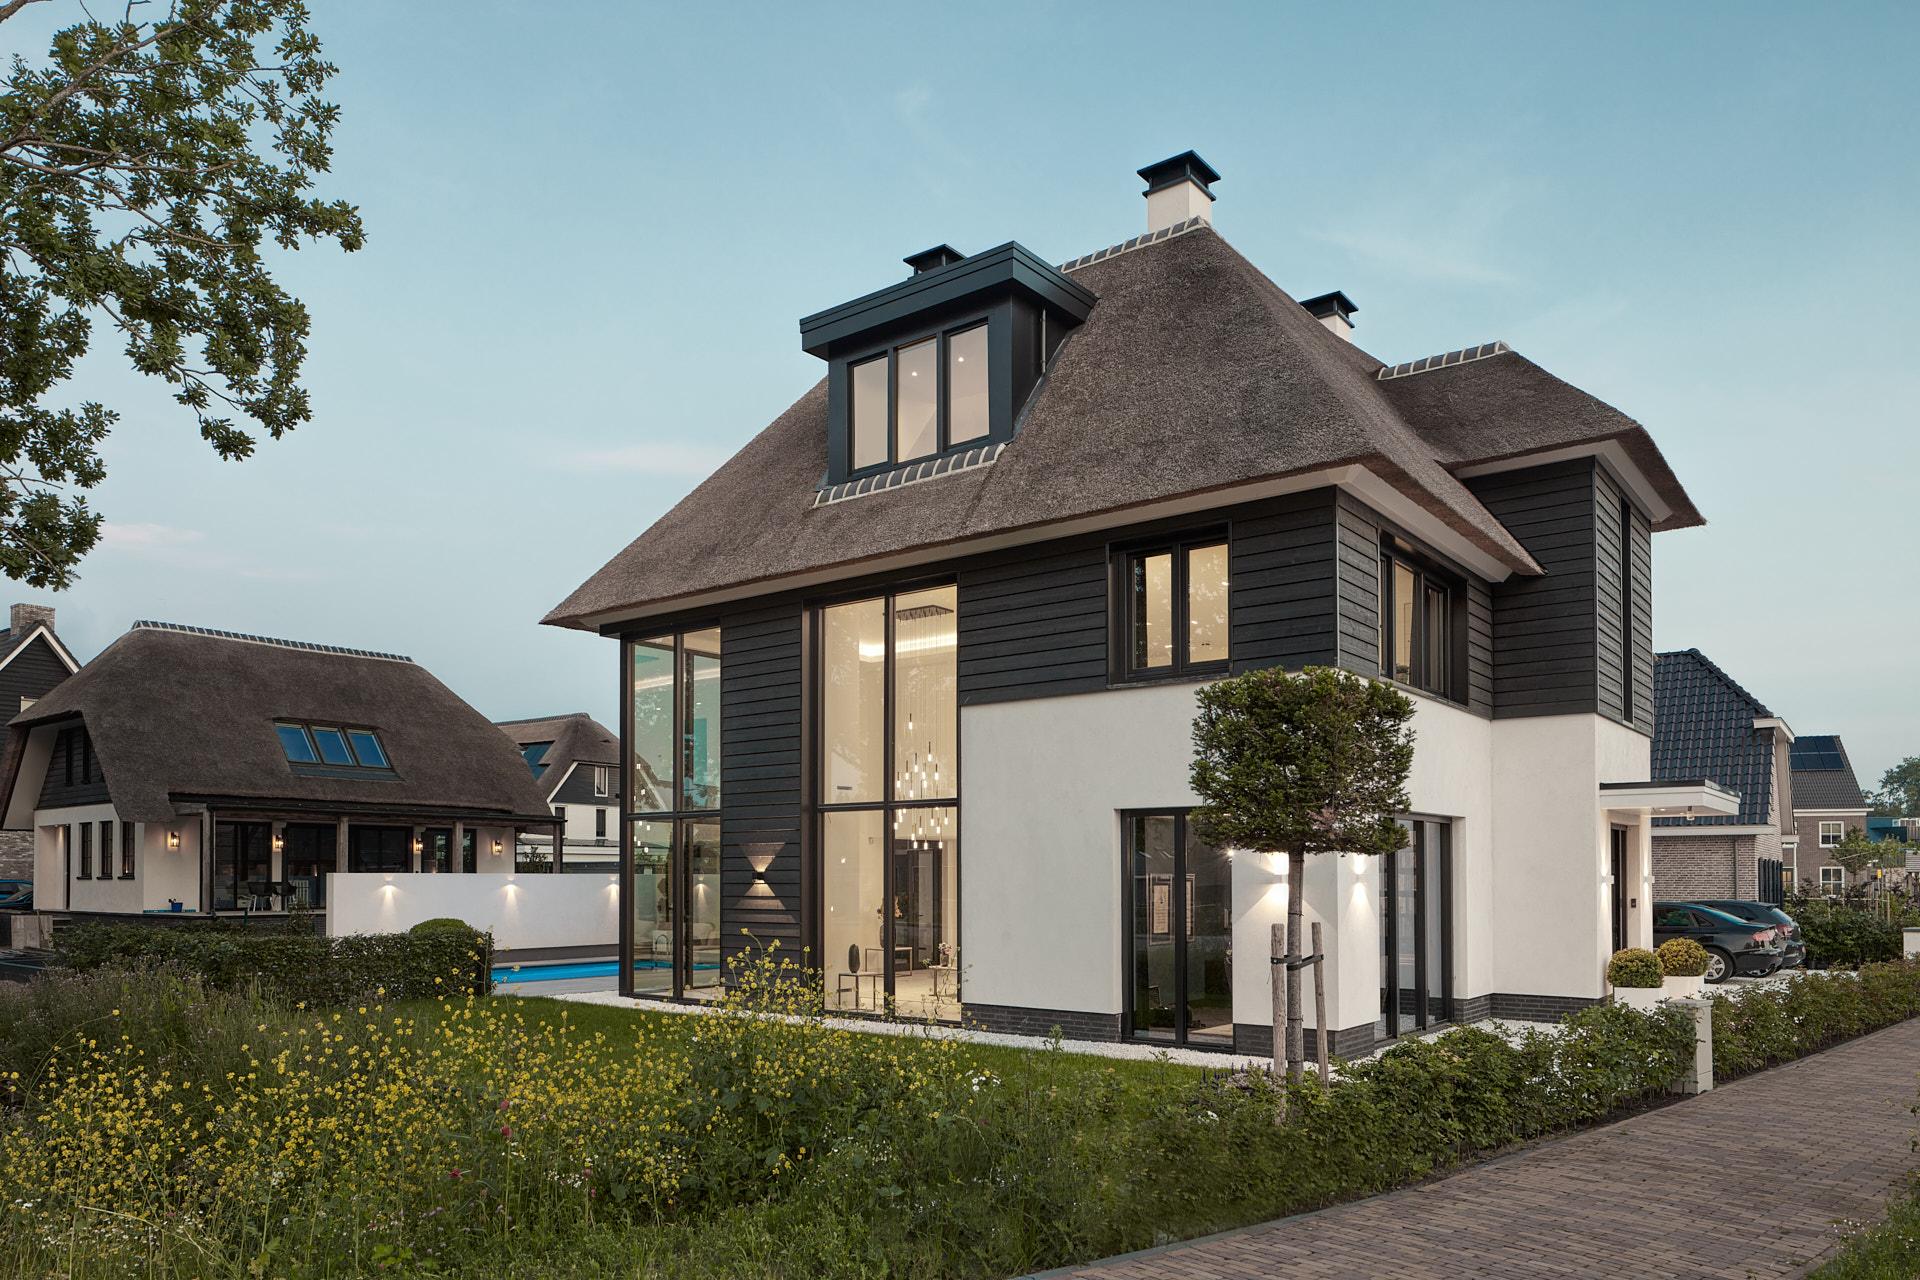 Nieuwbouwvilla Haarzicht door architect Maxim Winkelaar